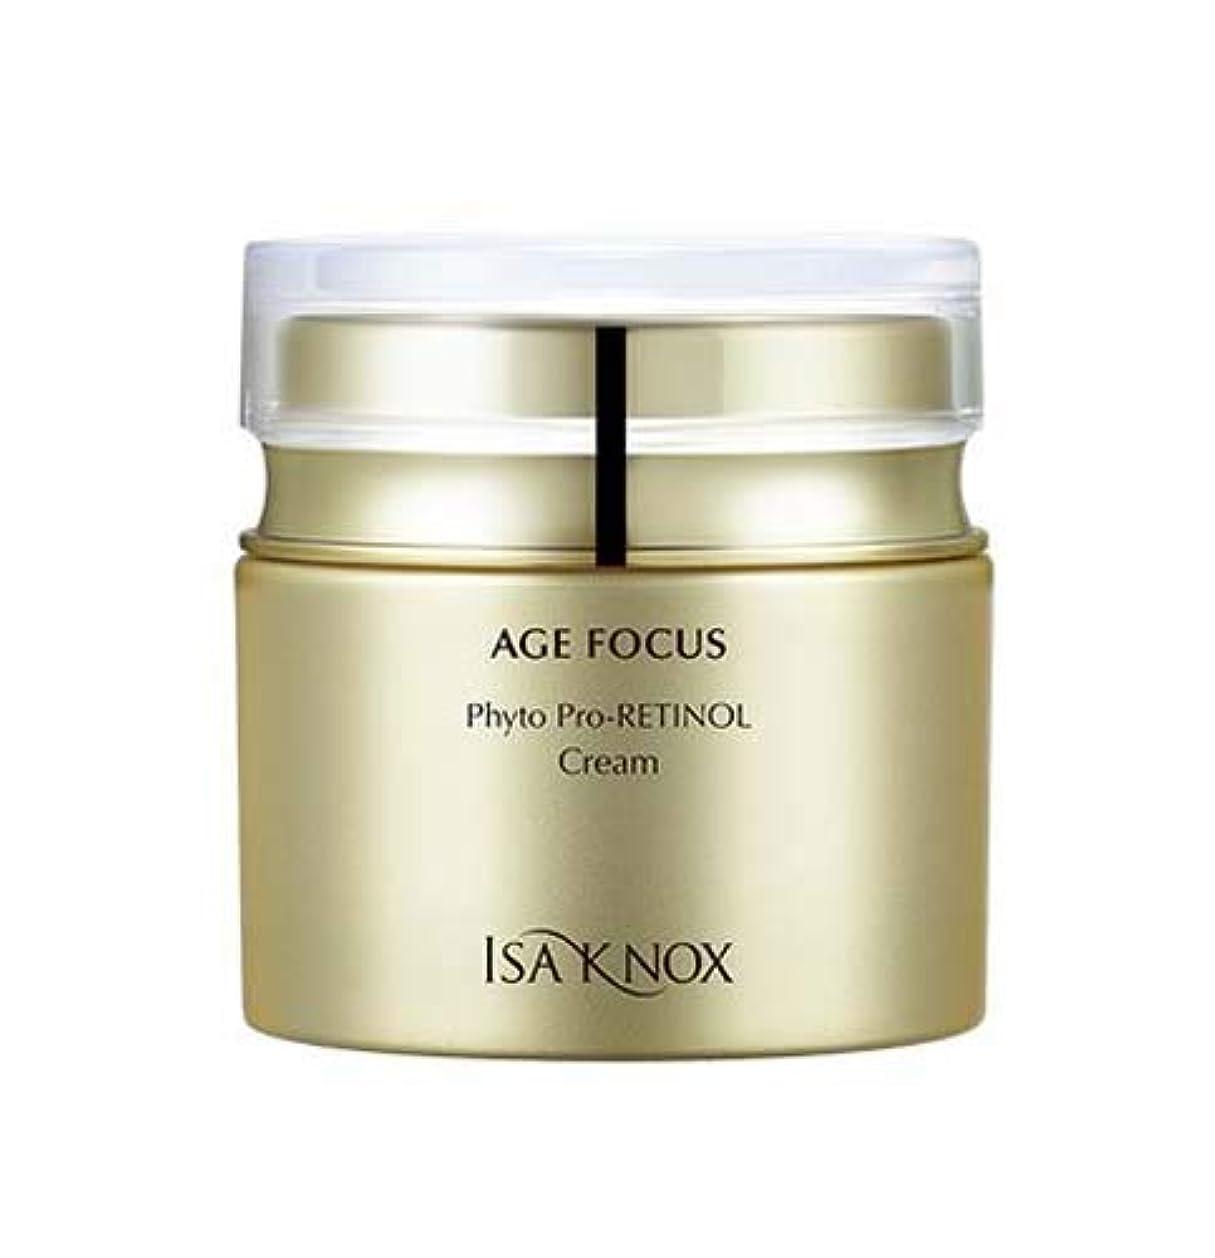 パーティション測る切る[イザノックス] ISA KNOX [エイジフォーカス フィト プロレチノール クリーム 50ml] AGE FOCUS Pro-Retinol Cream 50ml [海外直送品]